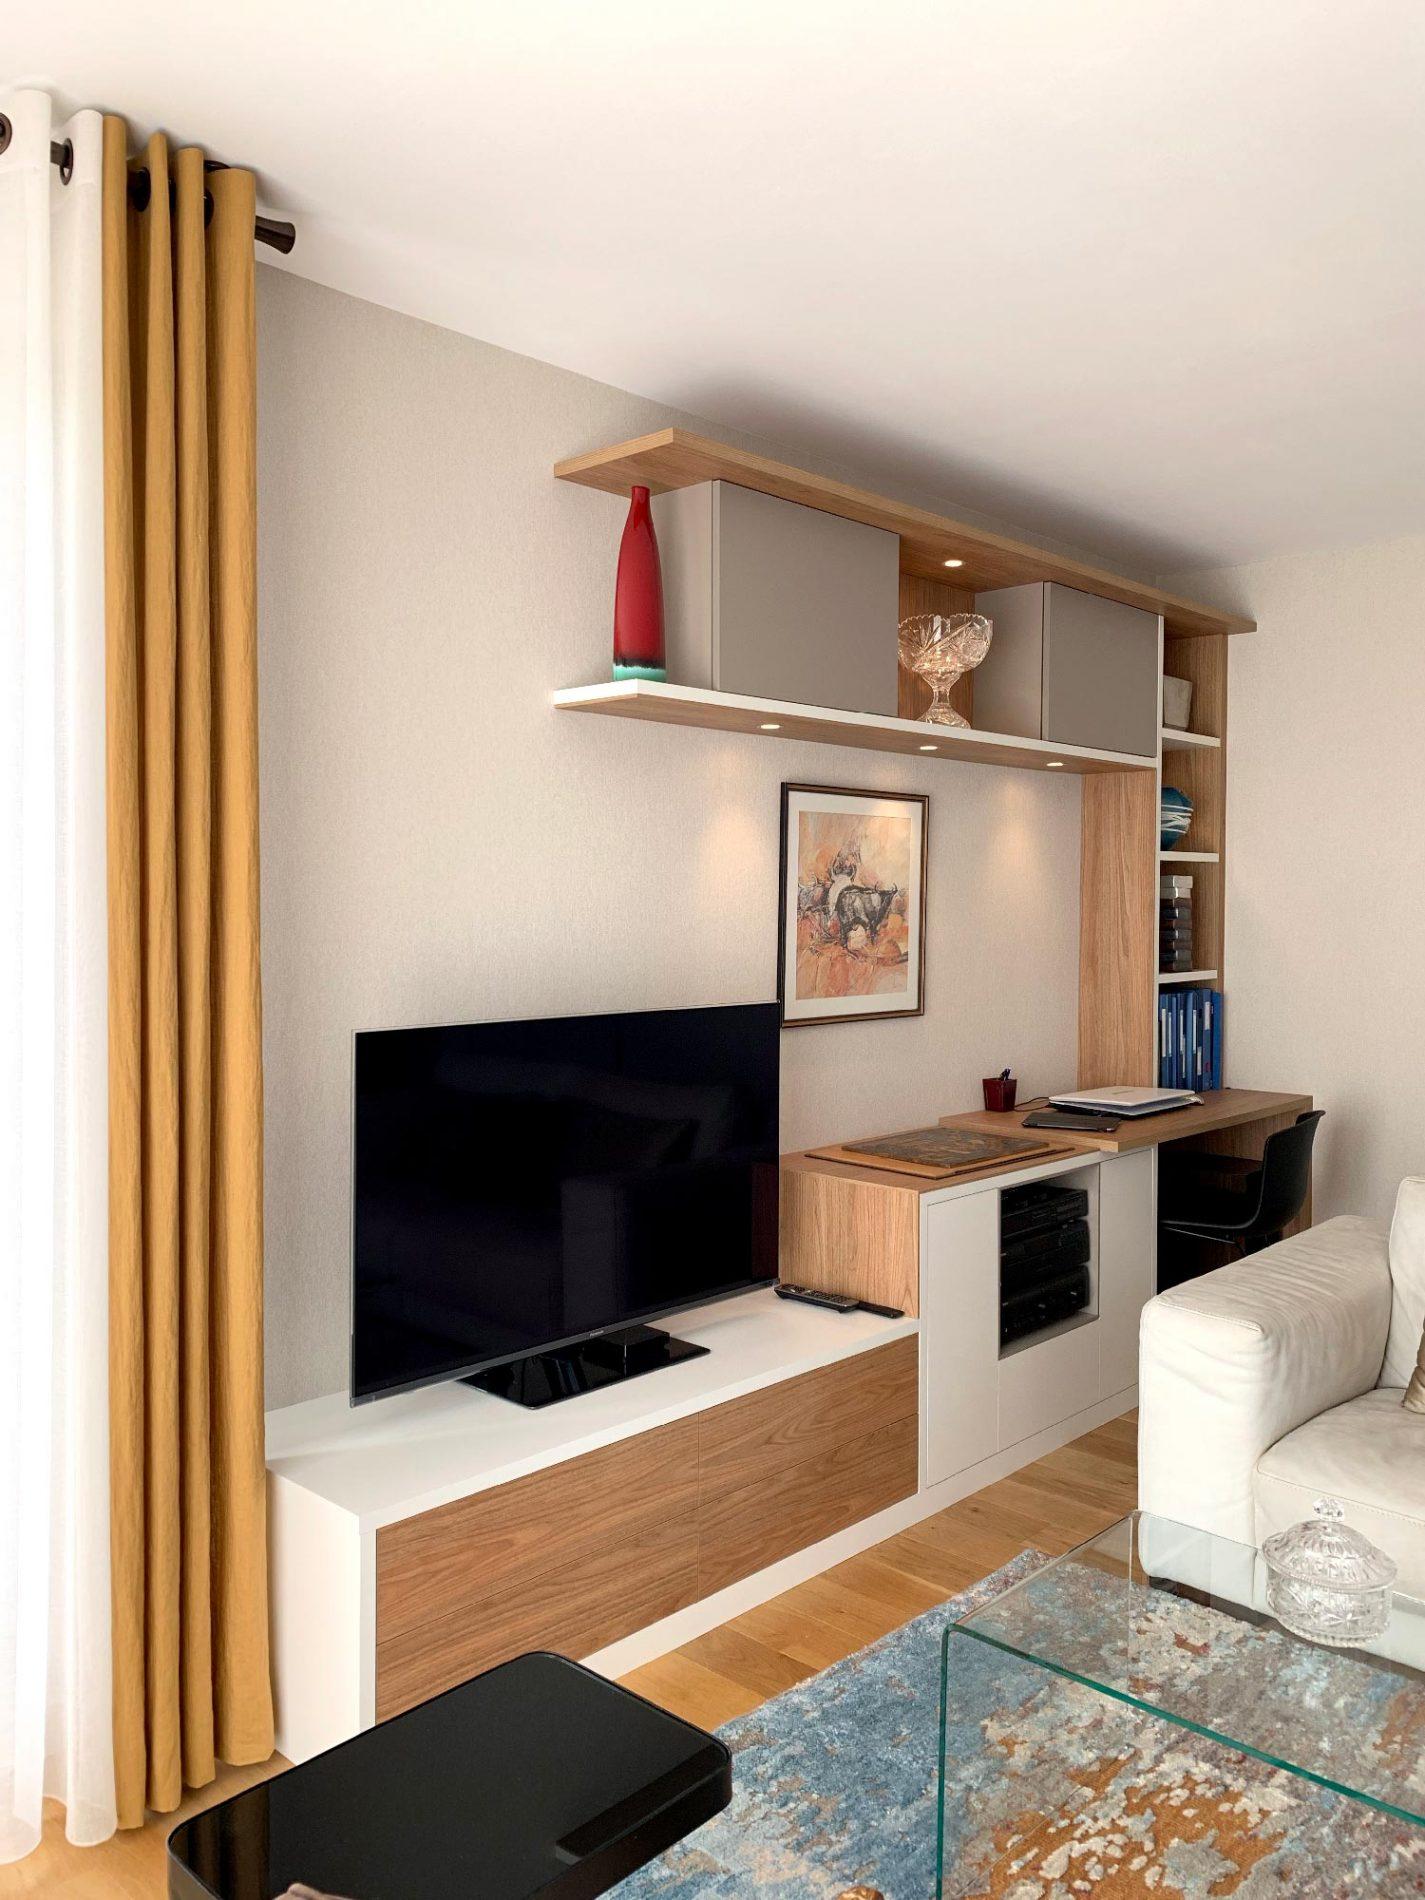 Meuble TV avec rangements suspendus